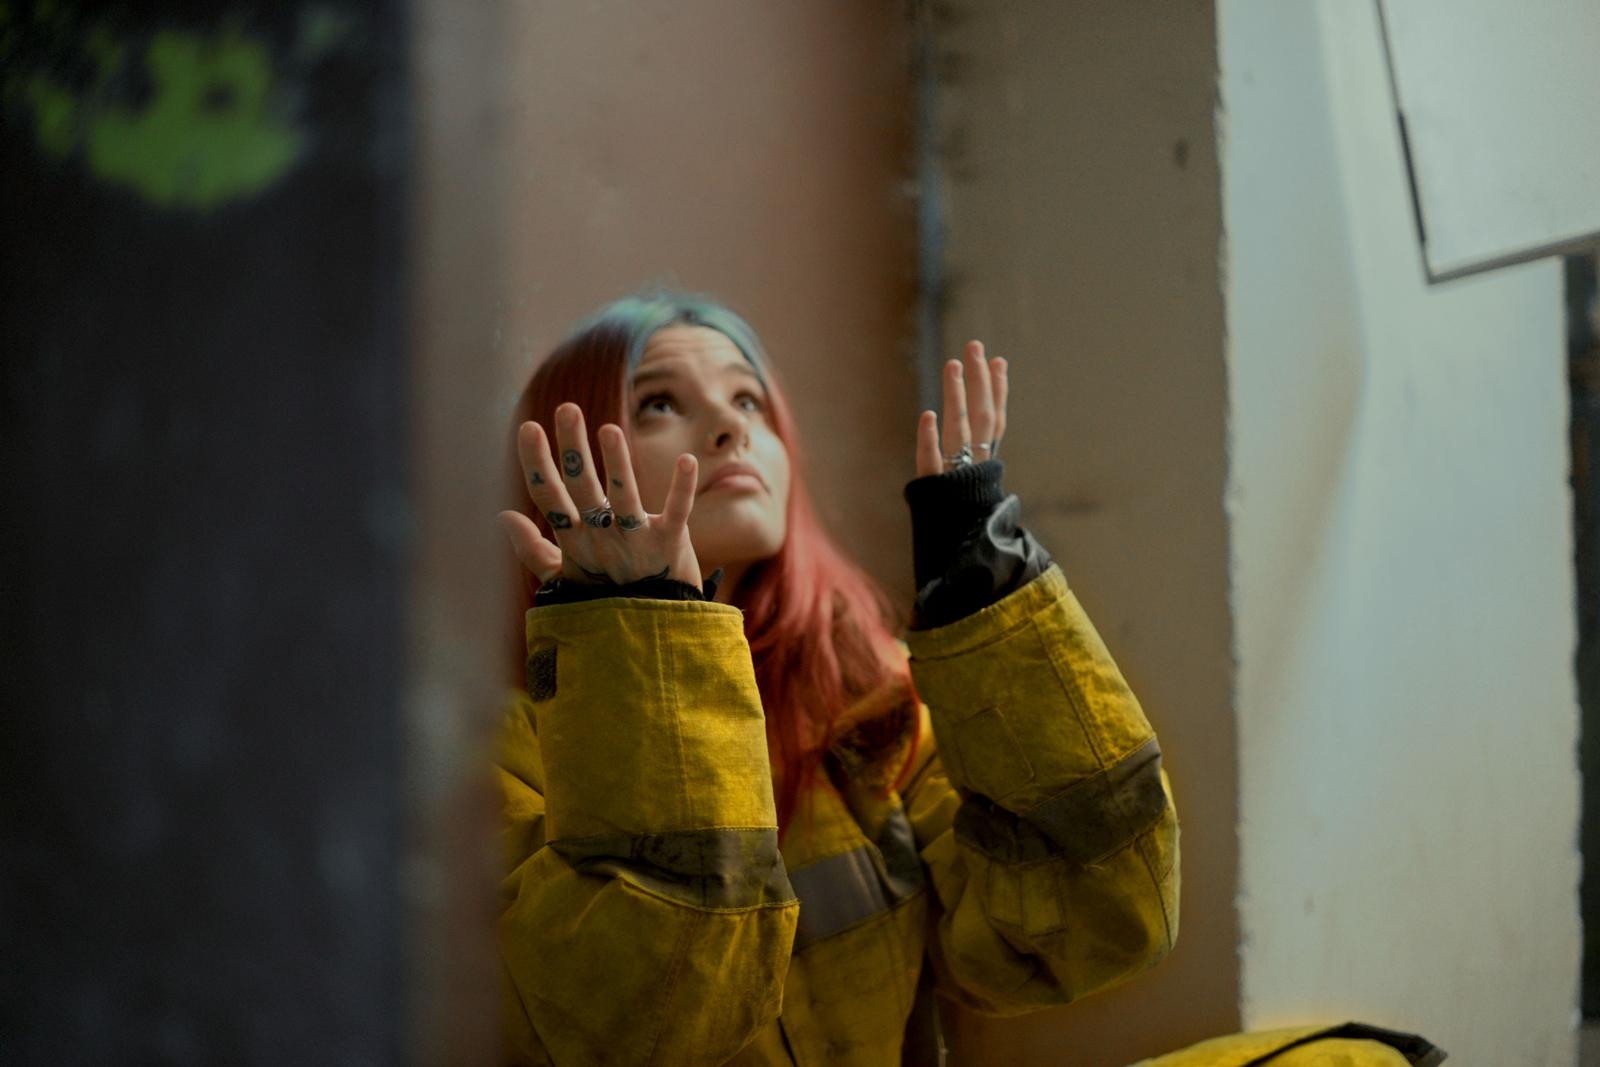 Любов у вогні: група раёк презентує кліп на трек із дебютного альбому «Море огня».-Фото 1